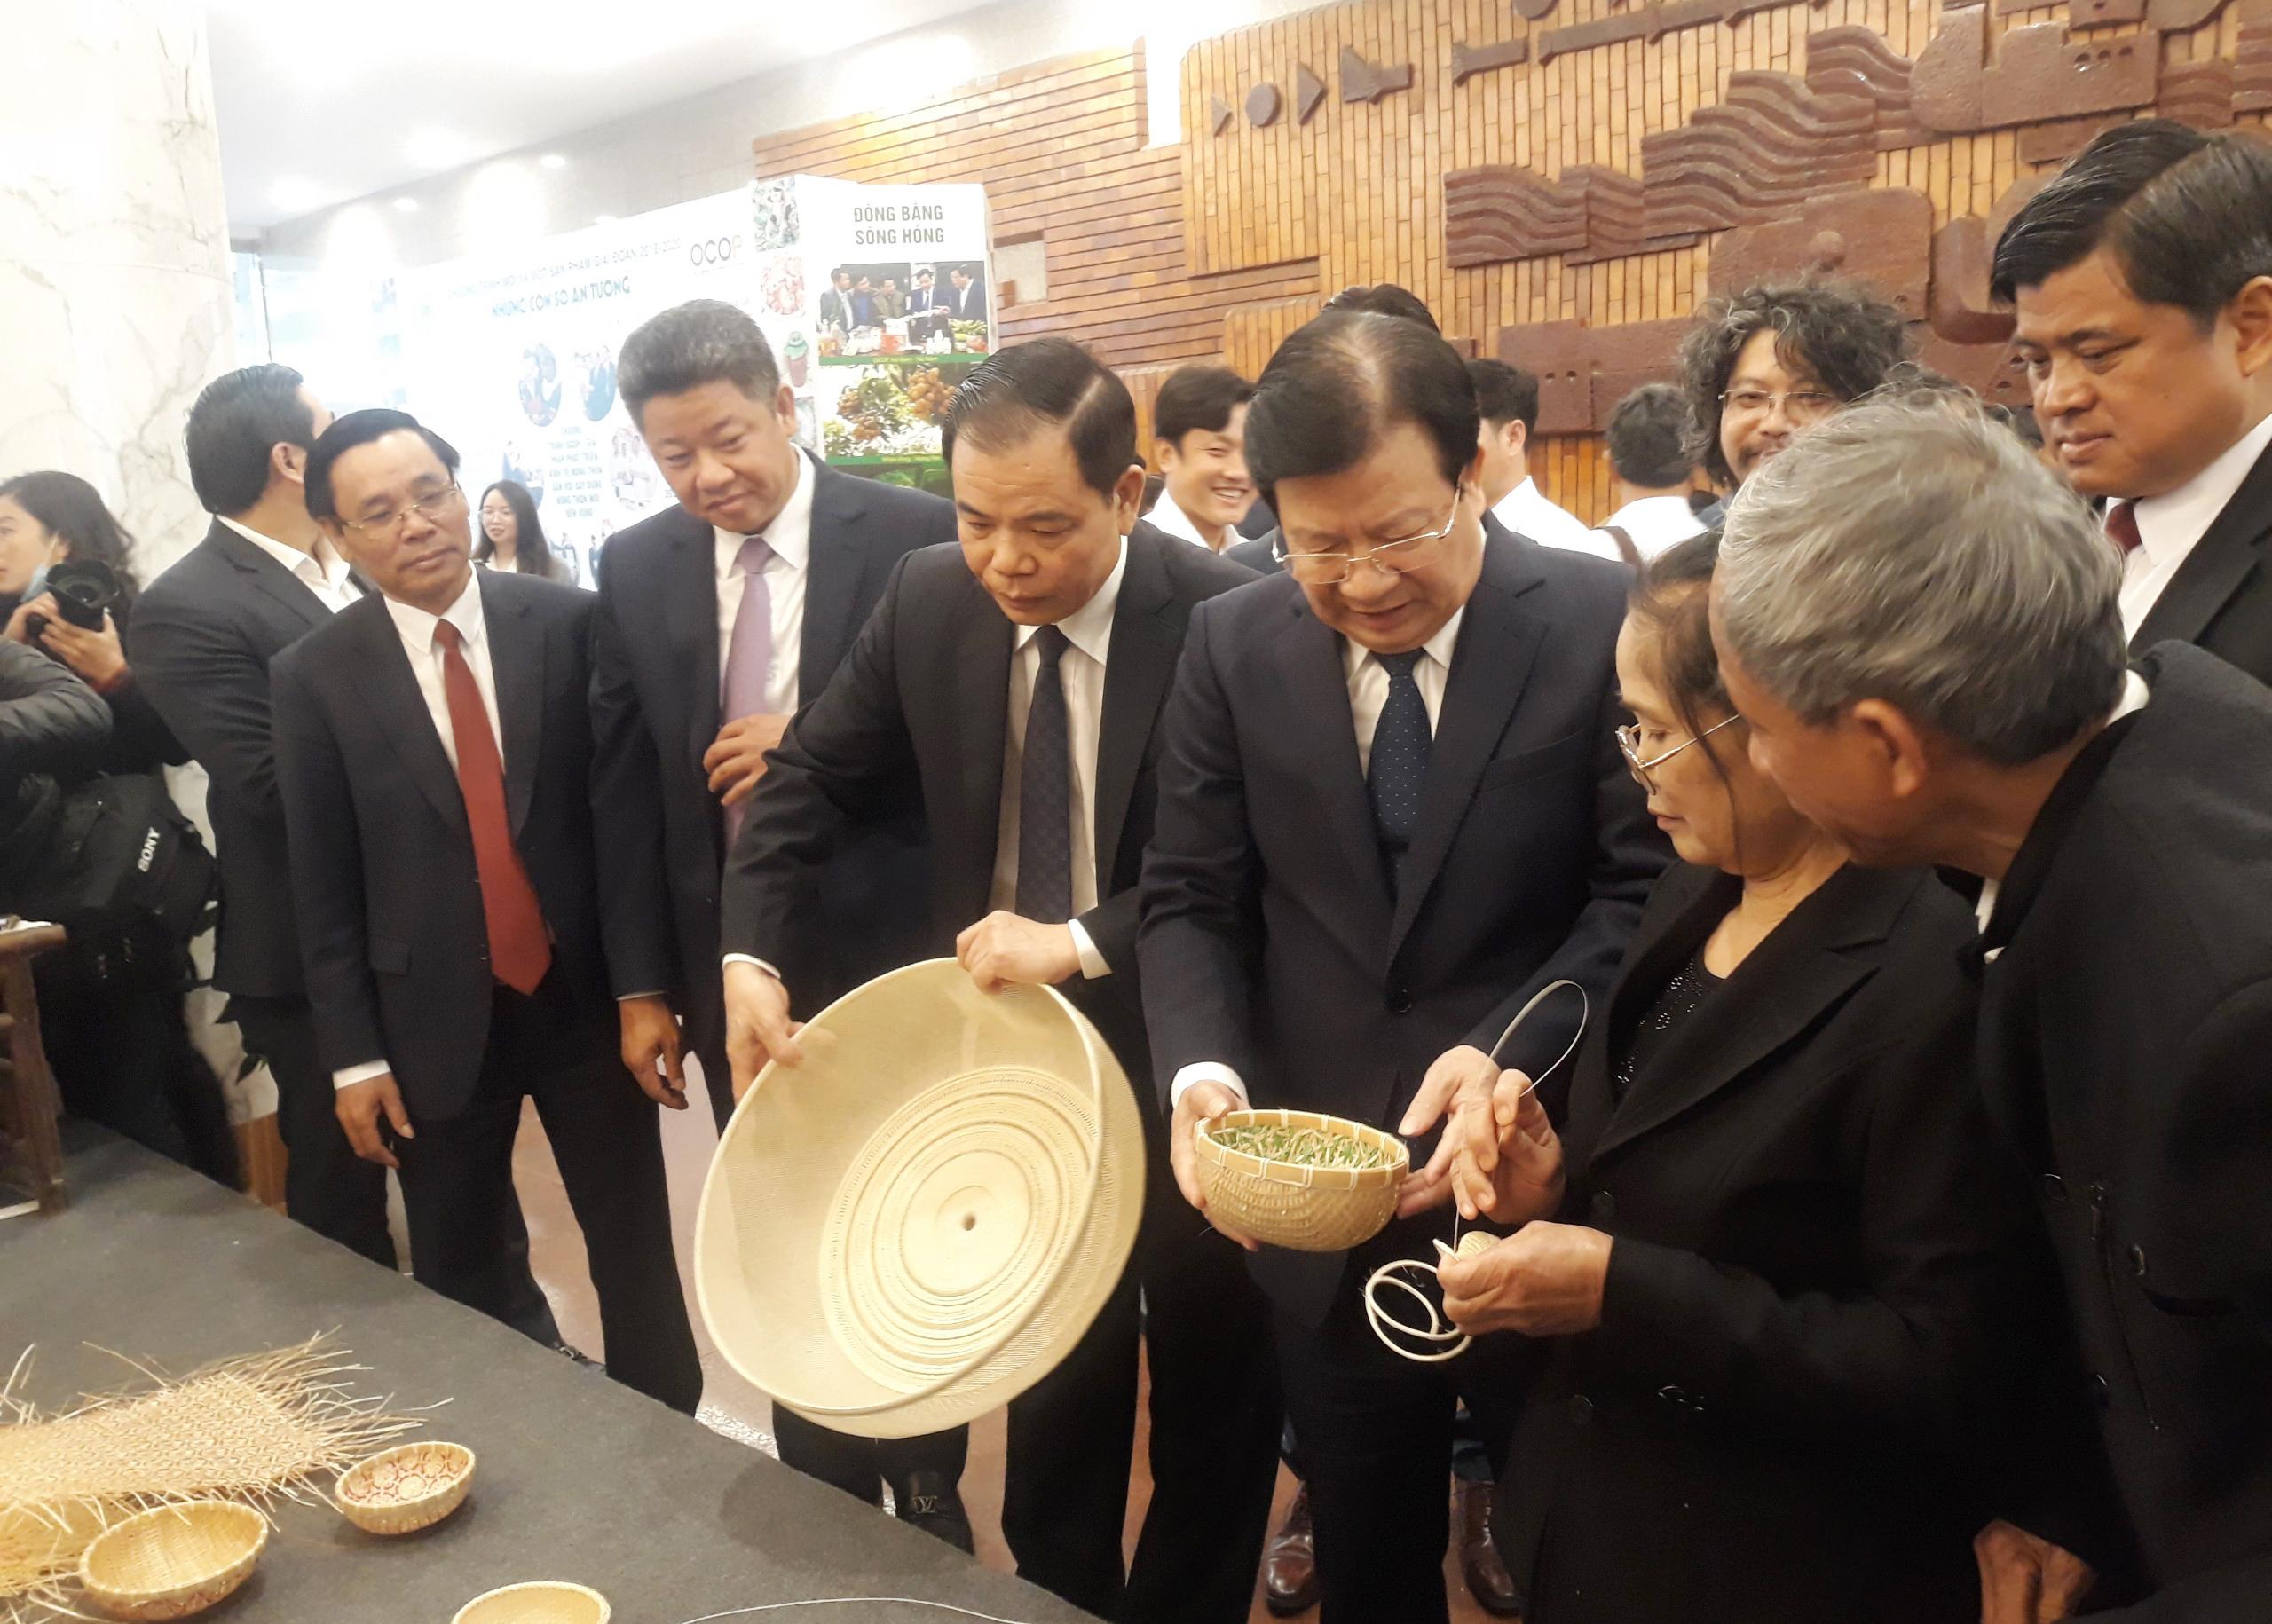 Phó Thủ tướng Trịnh Đình Dũng và đại biểu thăm quan các gian hàng OCOP bên lề Hội nghị